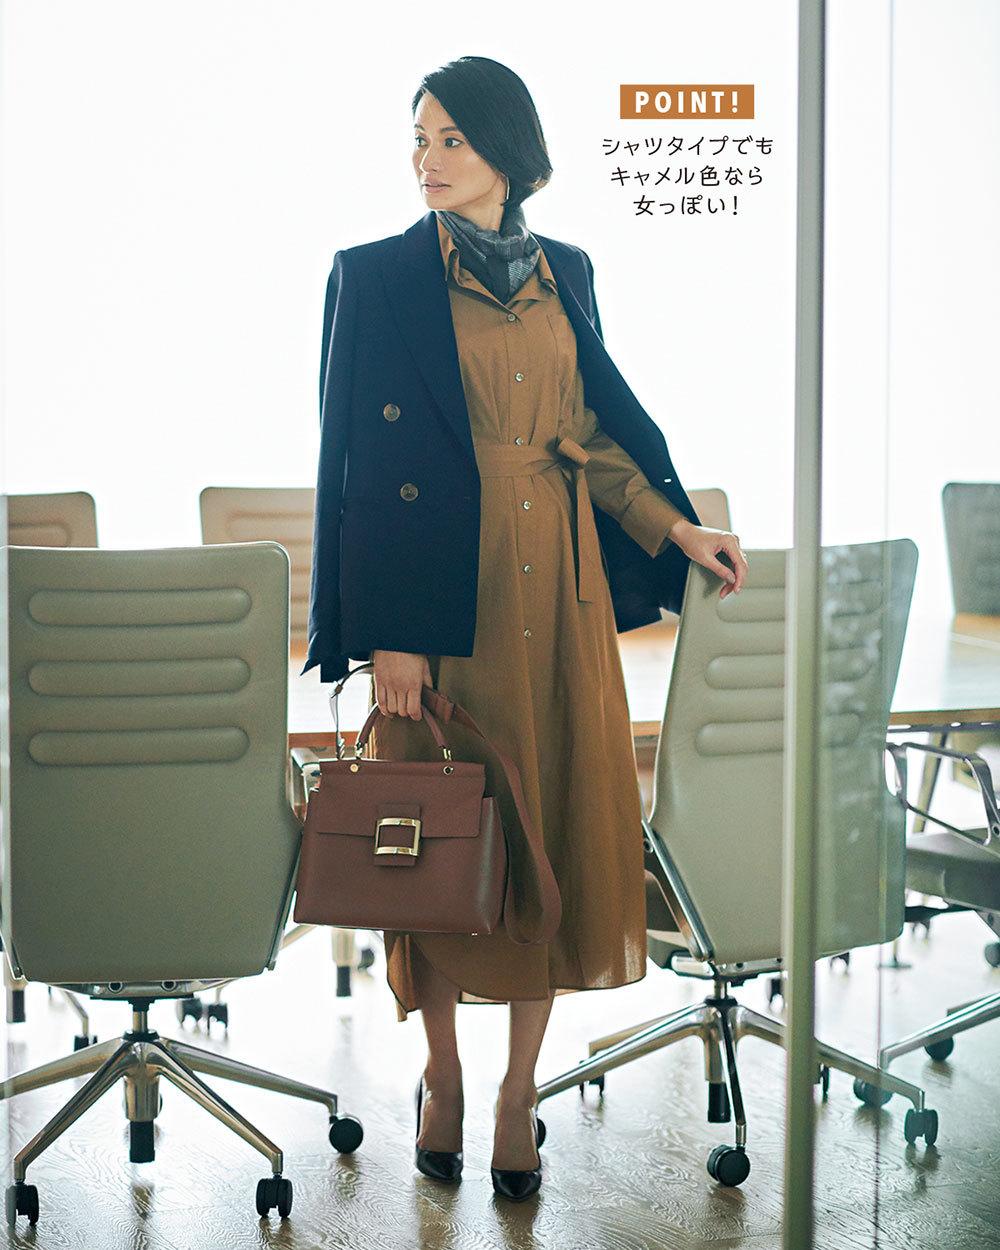 「一枚でサマ見えワンピ」 きちんと見えて女っぽいシャツワンピースはお仕事に最適!_1_1-1